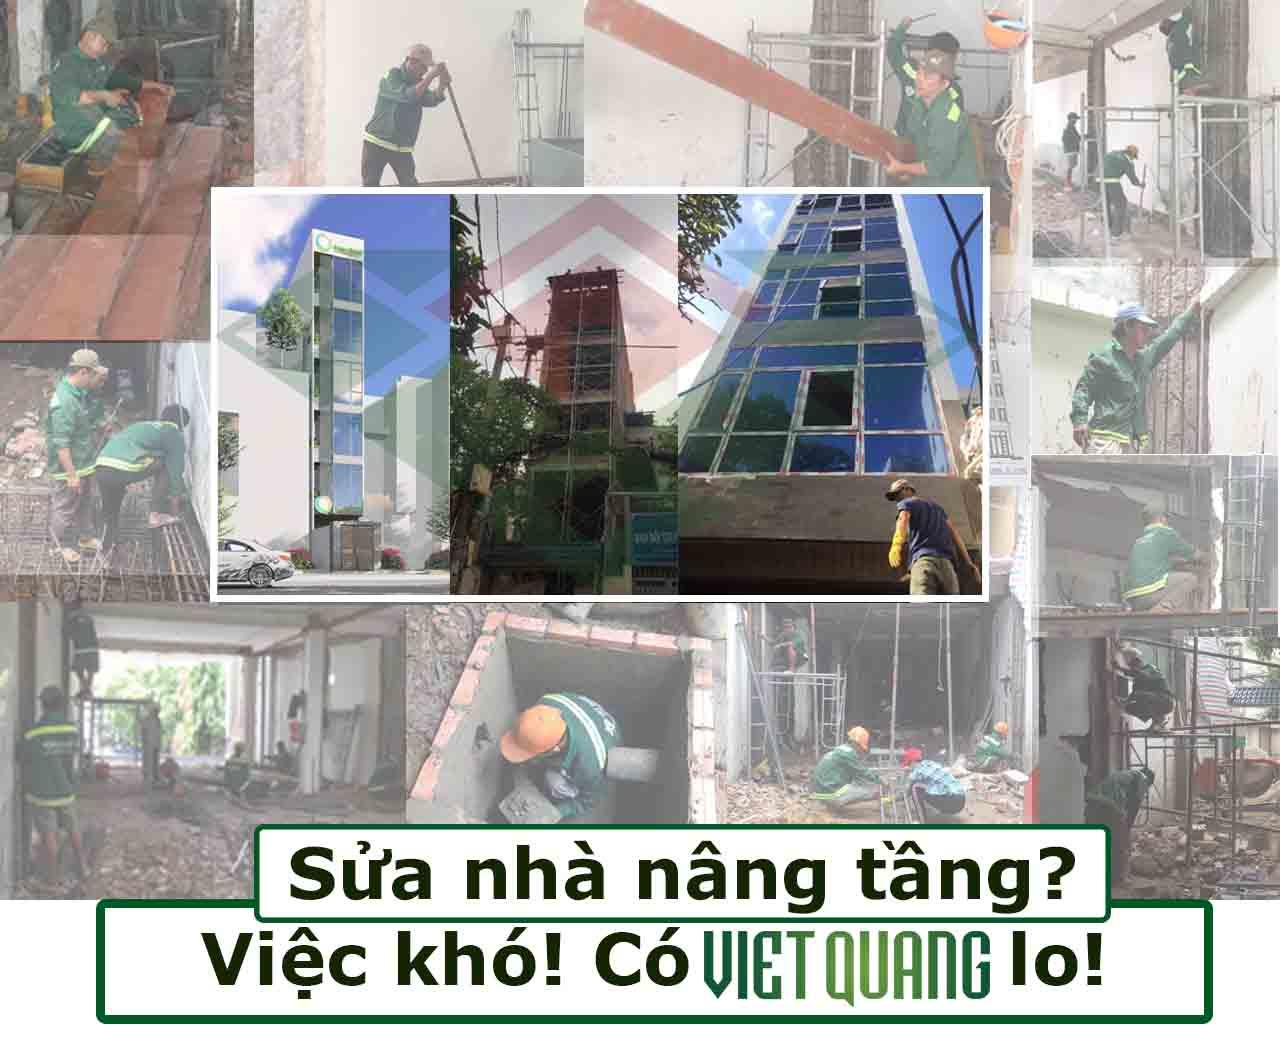 Sửa chữa nhà nâng tầng uy tín tại TP HCM